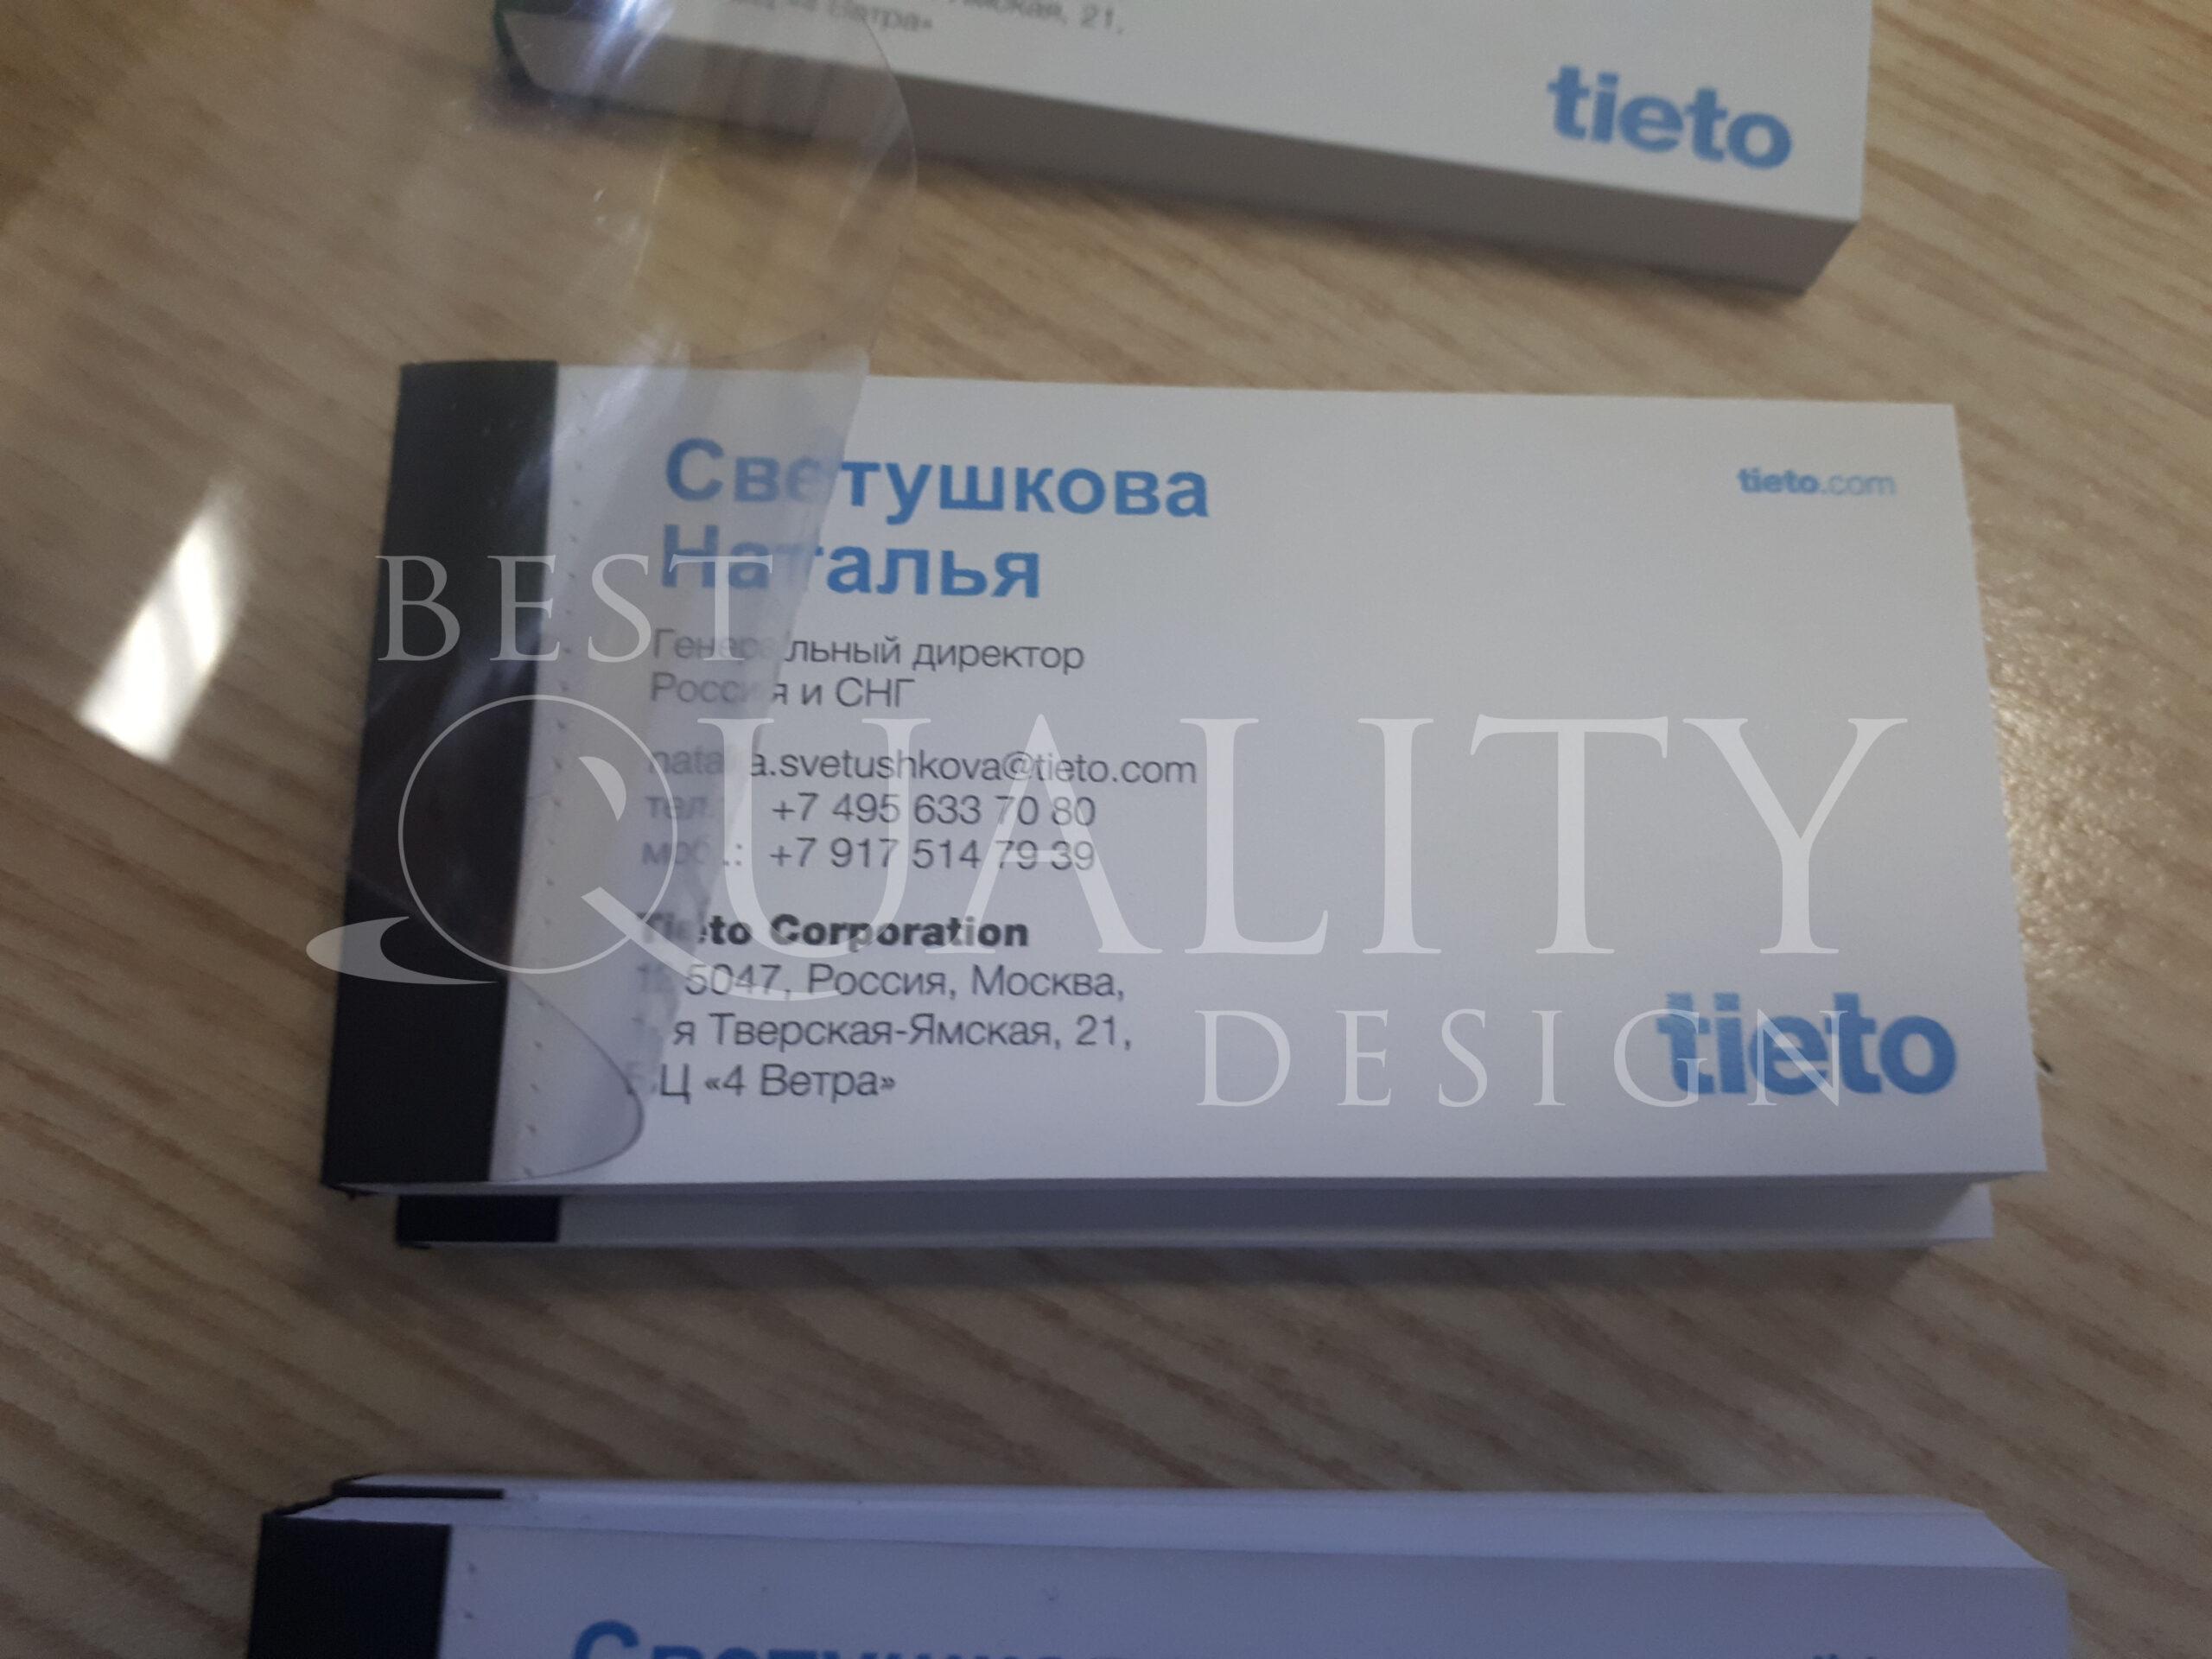 Изготовление визиток для компании Tieto